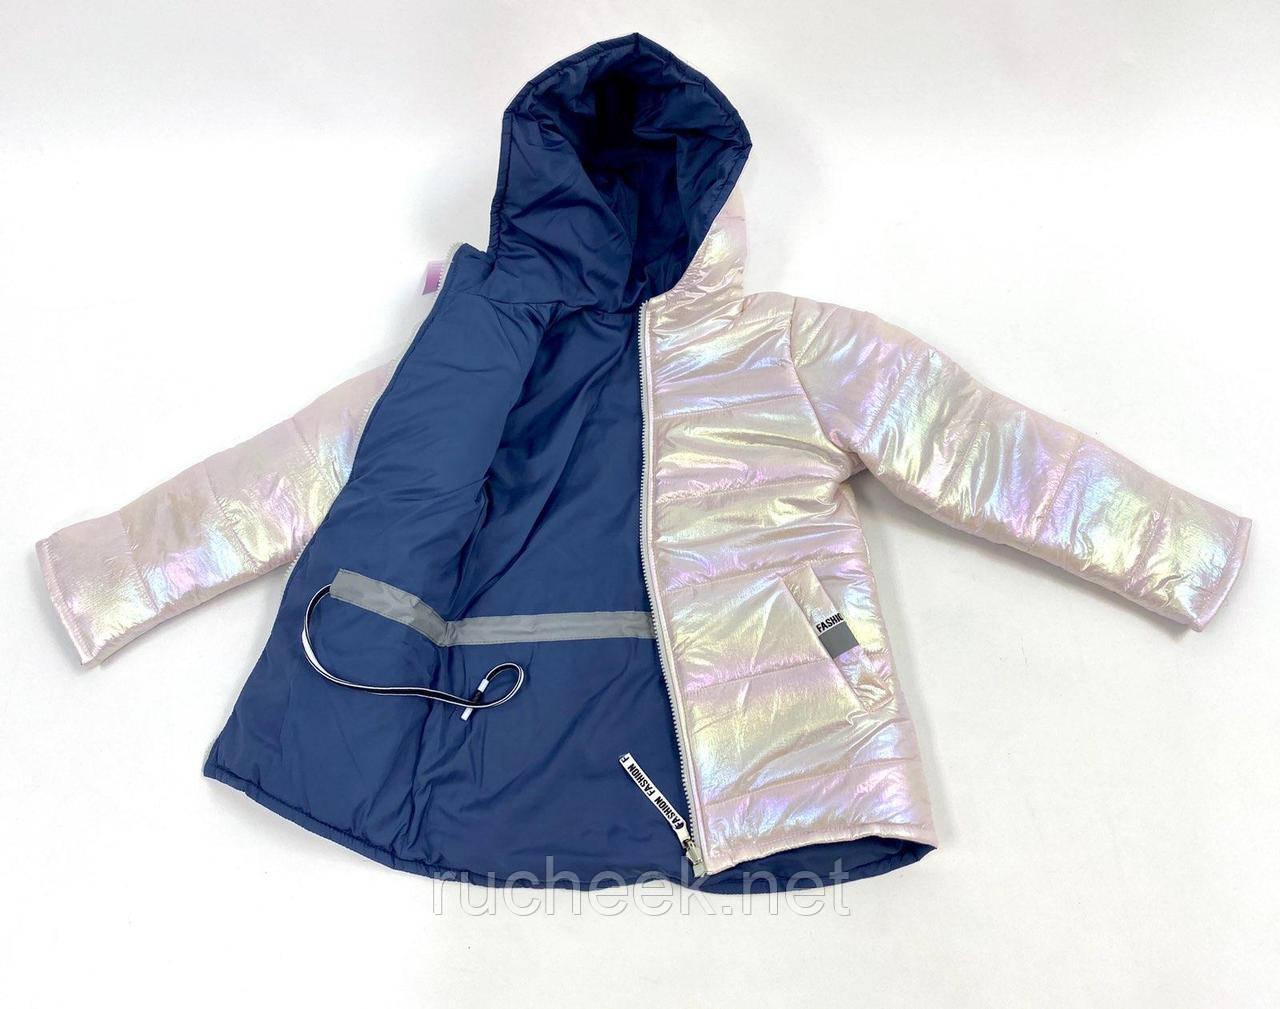 Двухсторонние куртки для девочек рост 122. Куртка детская плащевка голограмма